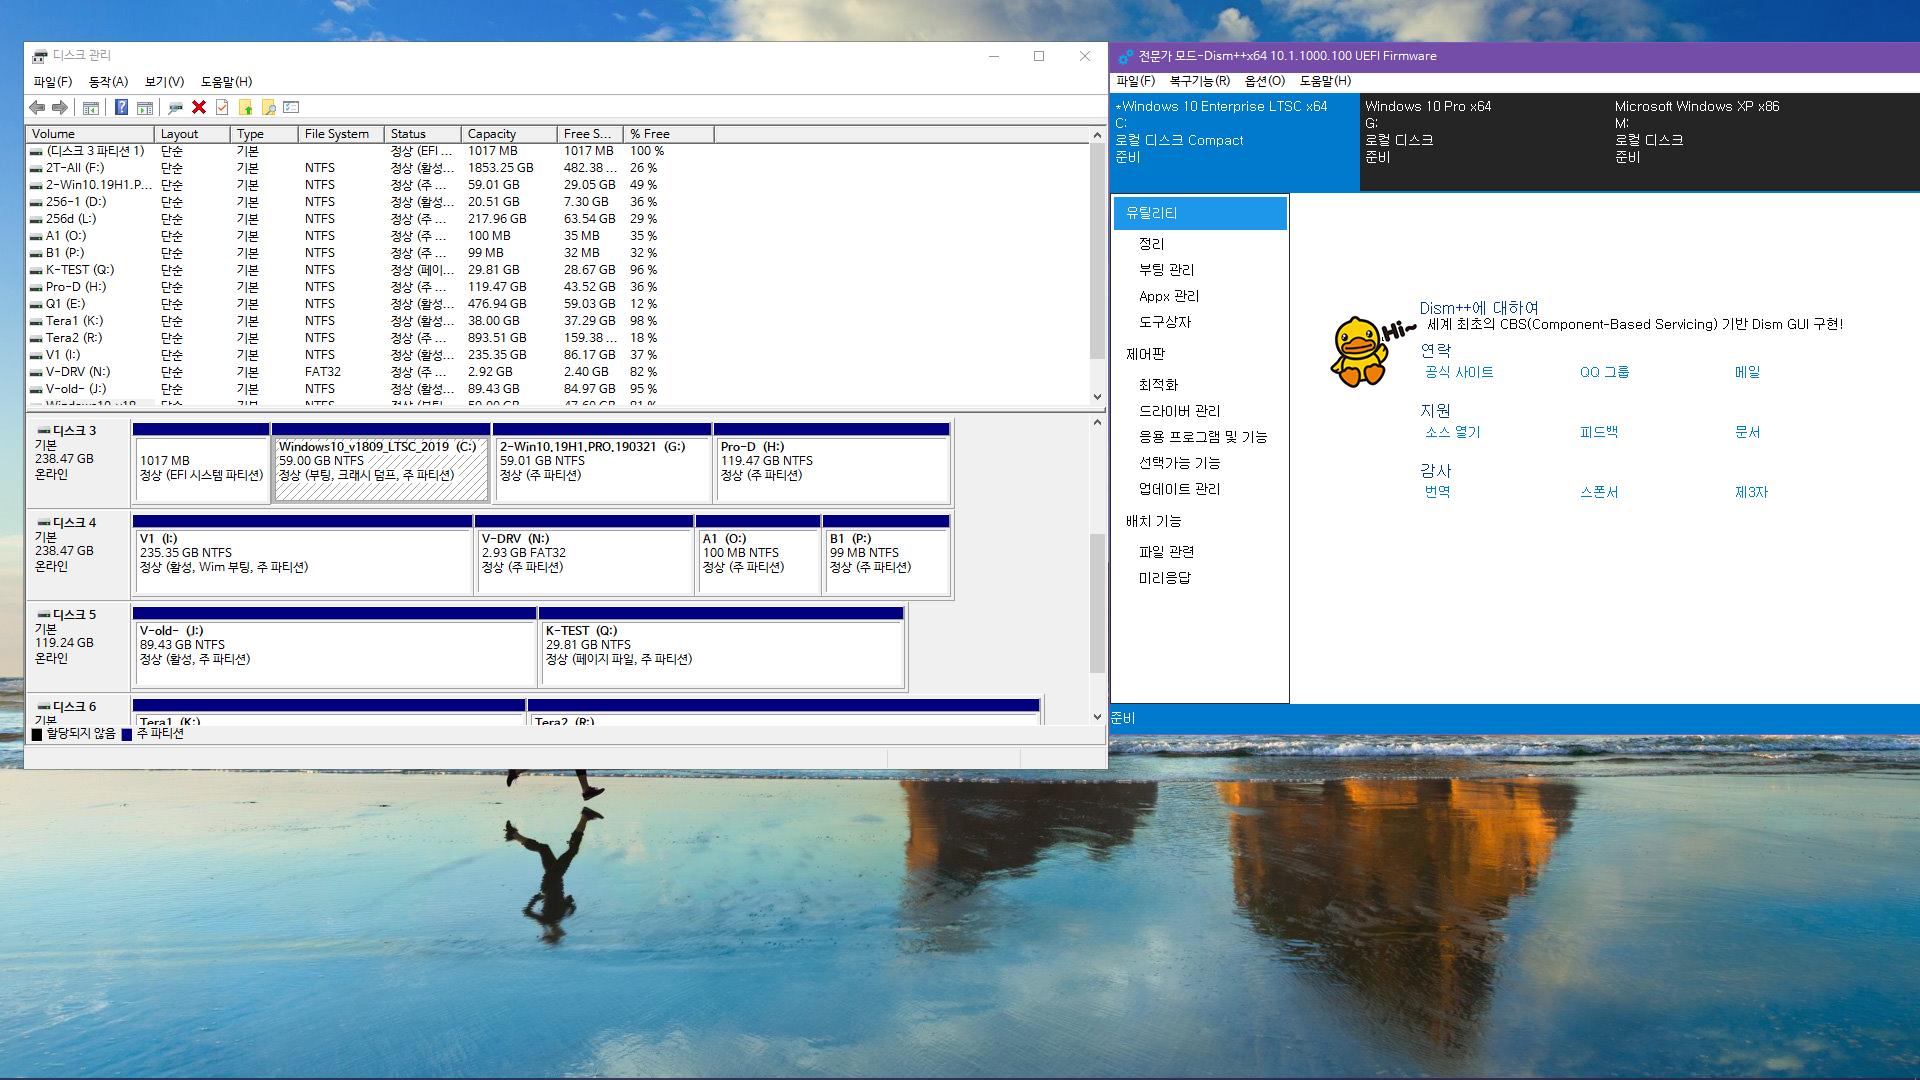 VHD를 실컴에 복구하기 - 파티션 복제, bcdboot, 하이브 로드하여 드라이브 문자들은 전부 삭제함 - 실컴 부팅 성공 2019-06-16_043407.png